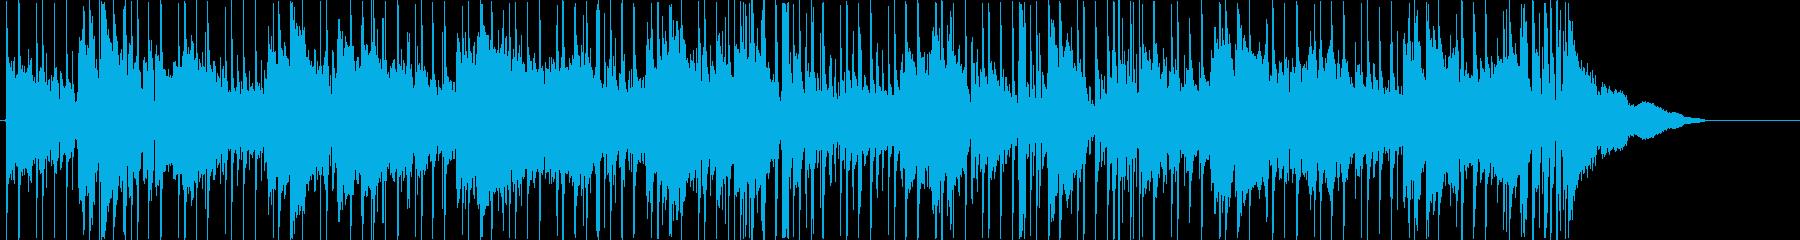 映像向きなダーク曲の再生済みの波形